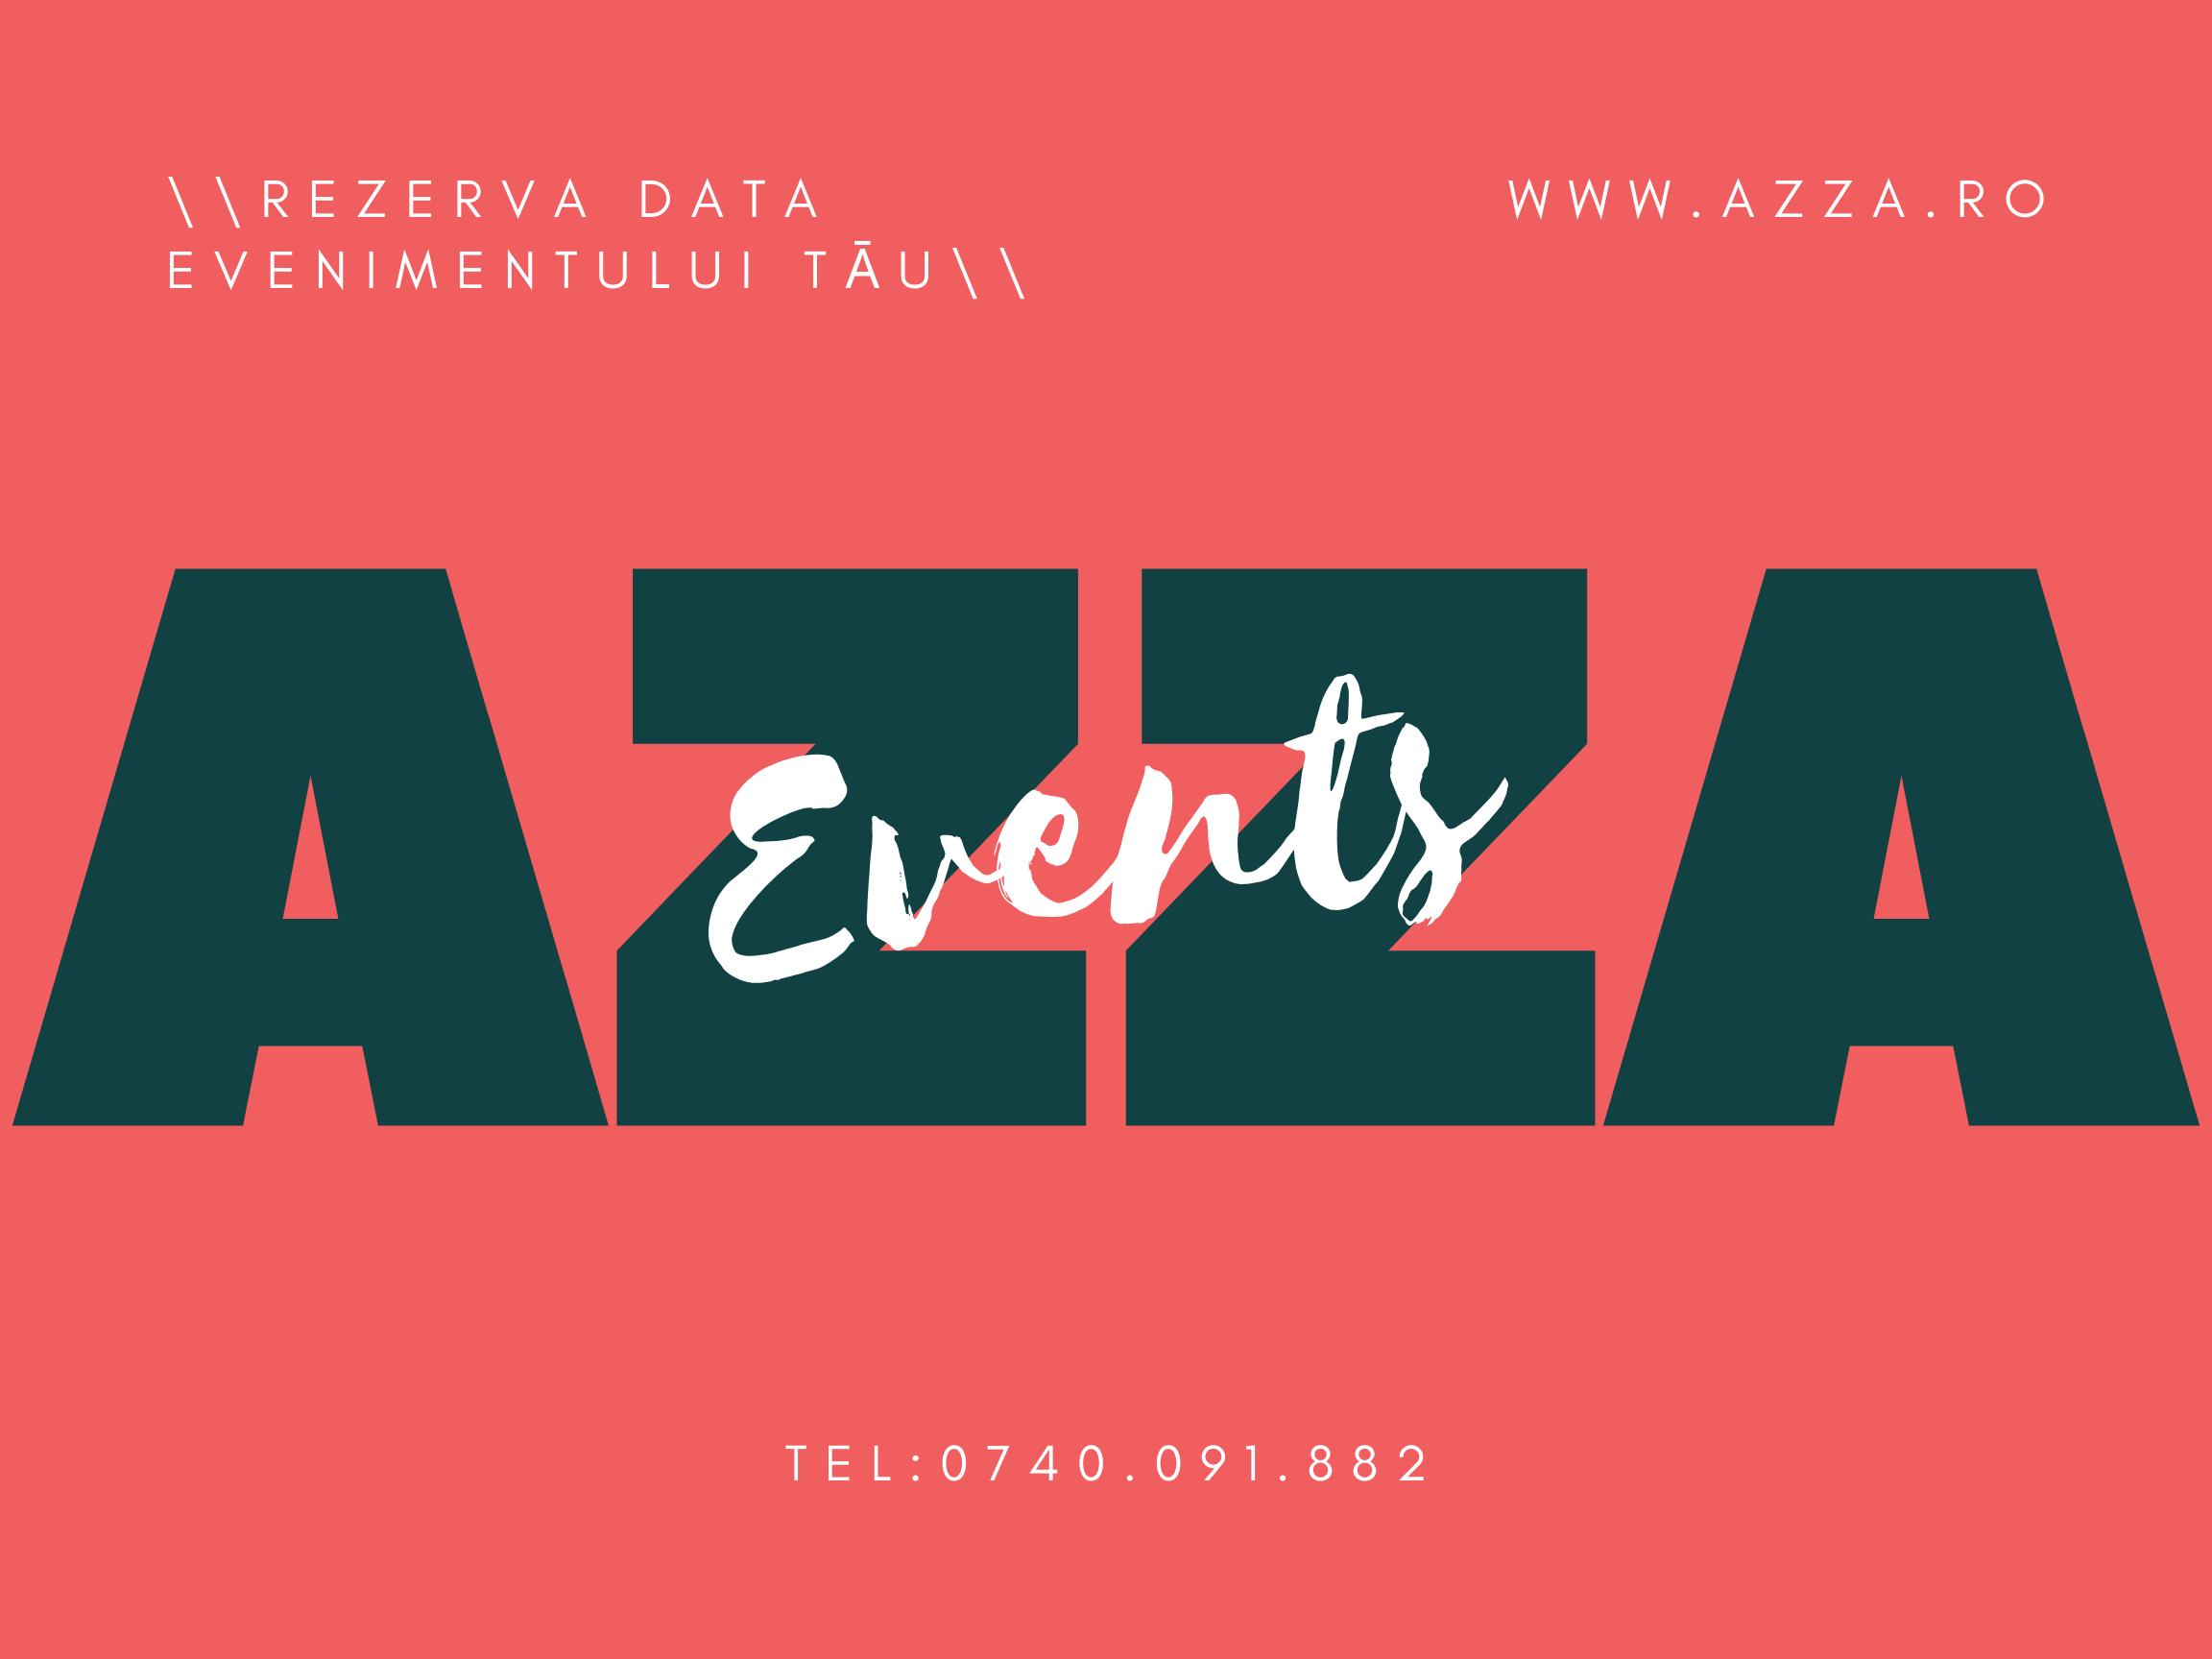 Rezerva data #evenimentului tāu! Dj, Sonorizare, Formatie Nunta, Divertisment